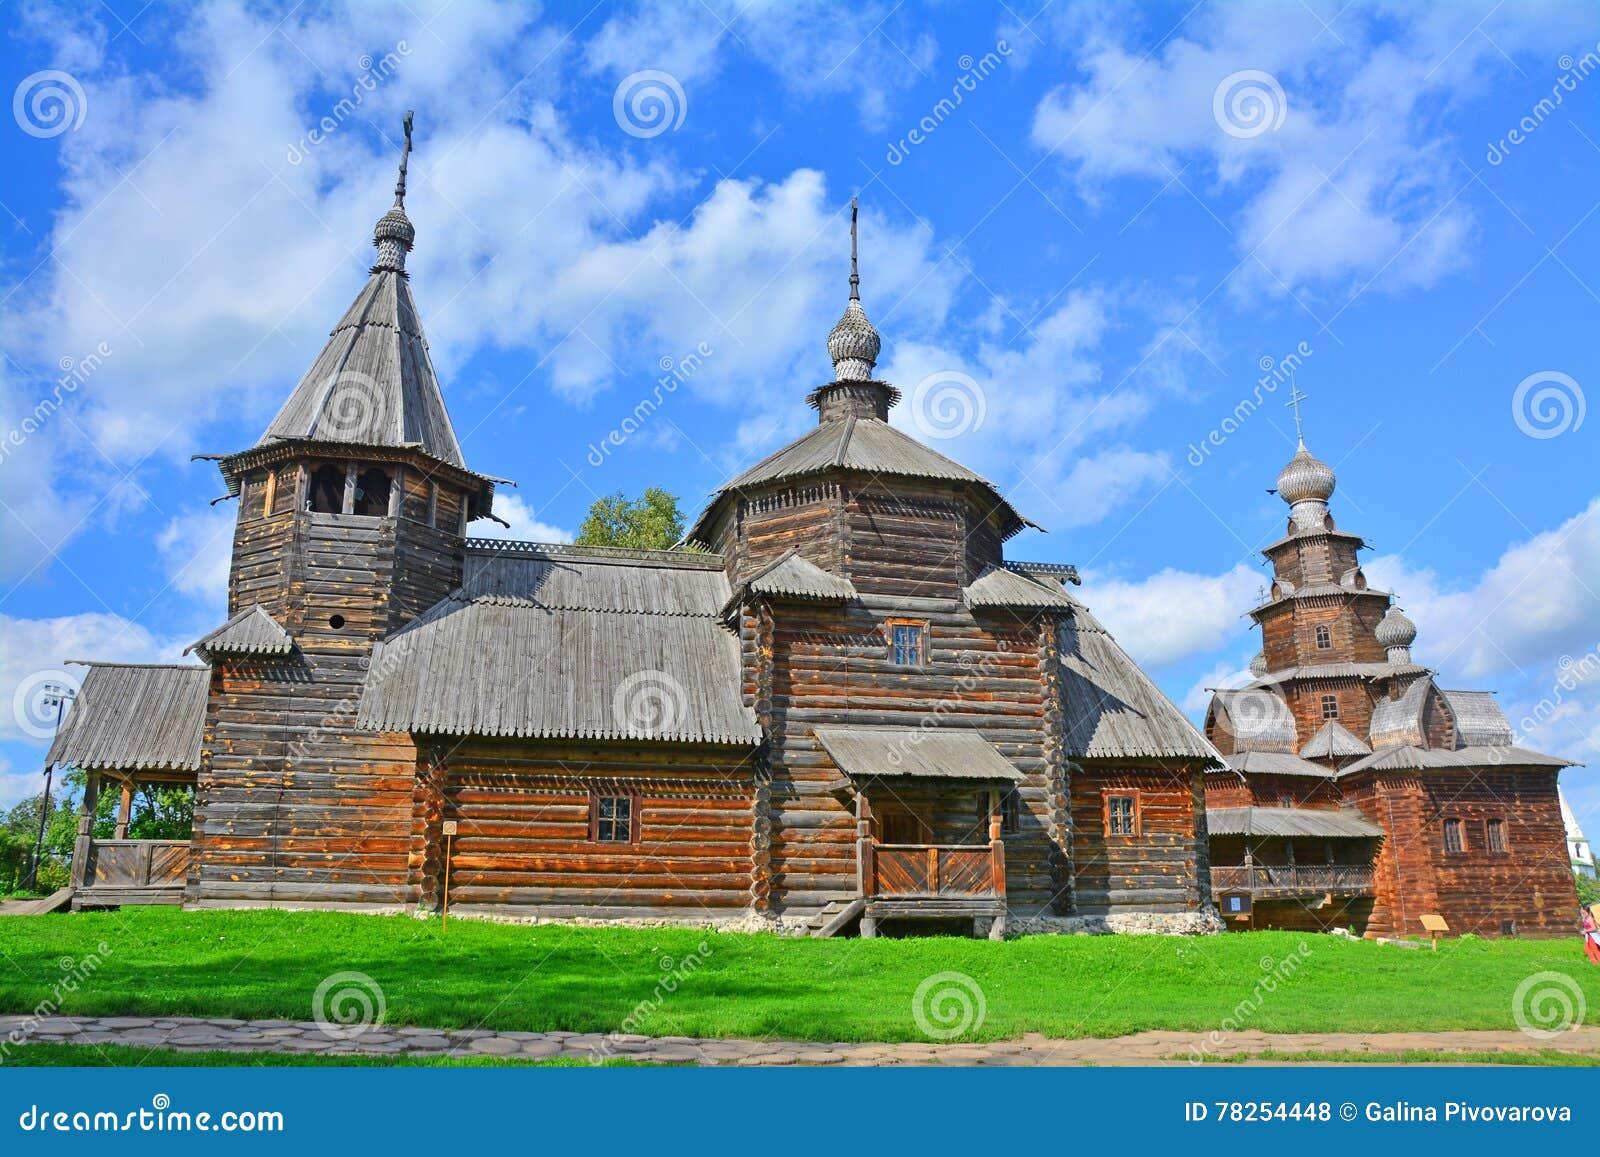 Δύο ξύλινες αρχαίες εκκλησίες του 19ου αιώνα στο μουσείο της ξύλινης αρχιτεκτονικής στο Σούζνταλ, Ρωσία